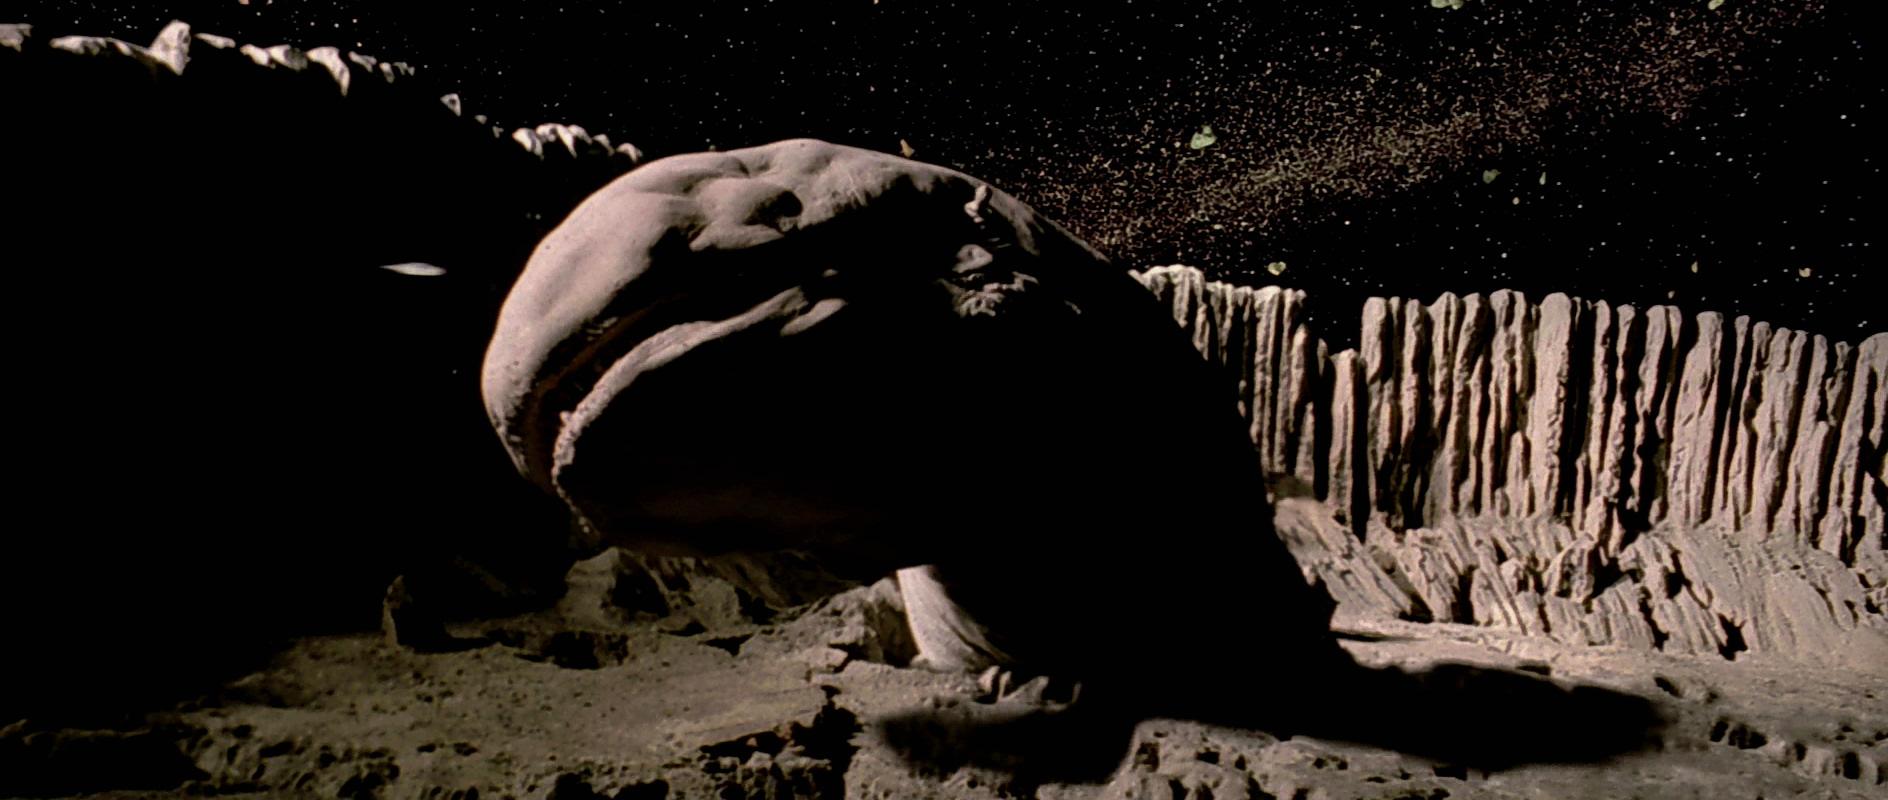 Звездные войны астероиды астероиды веста, юнона, цер